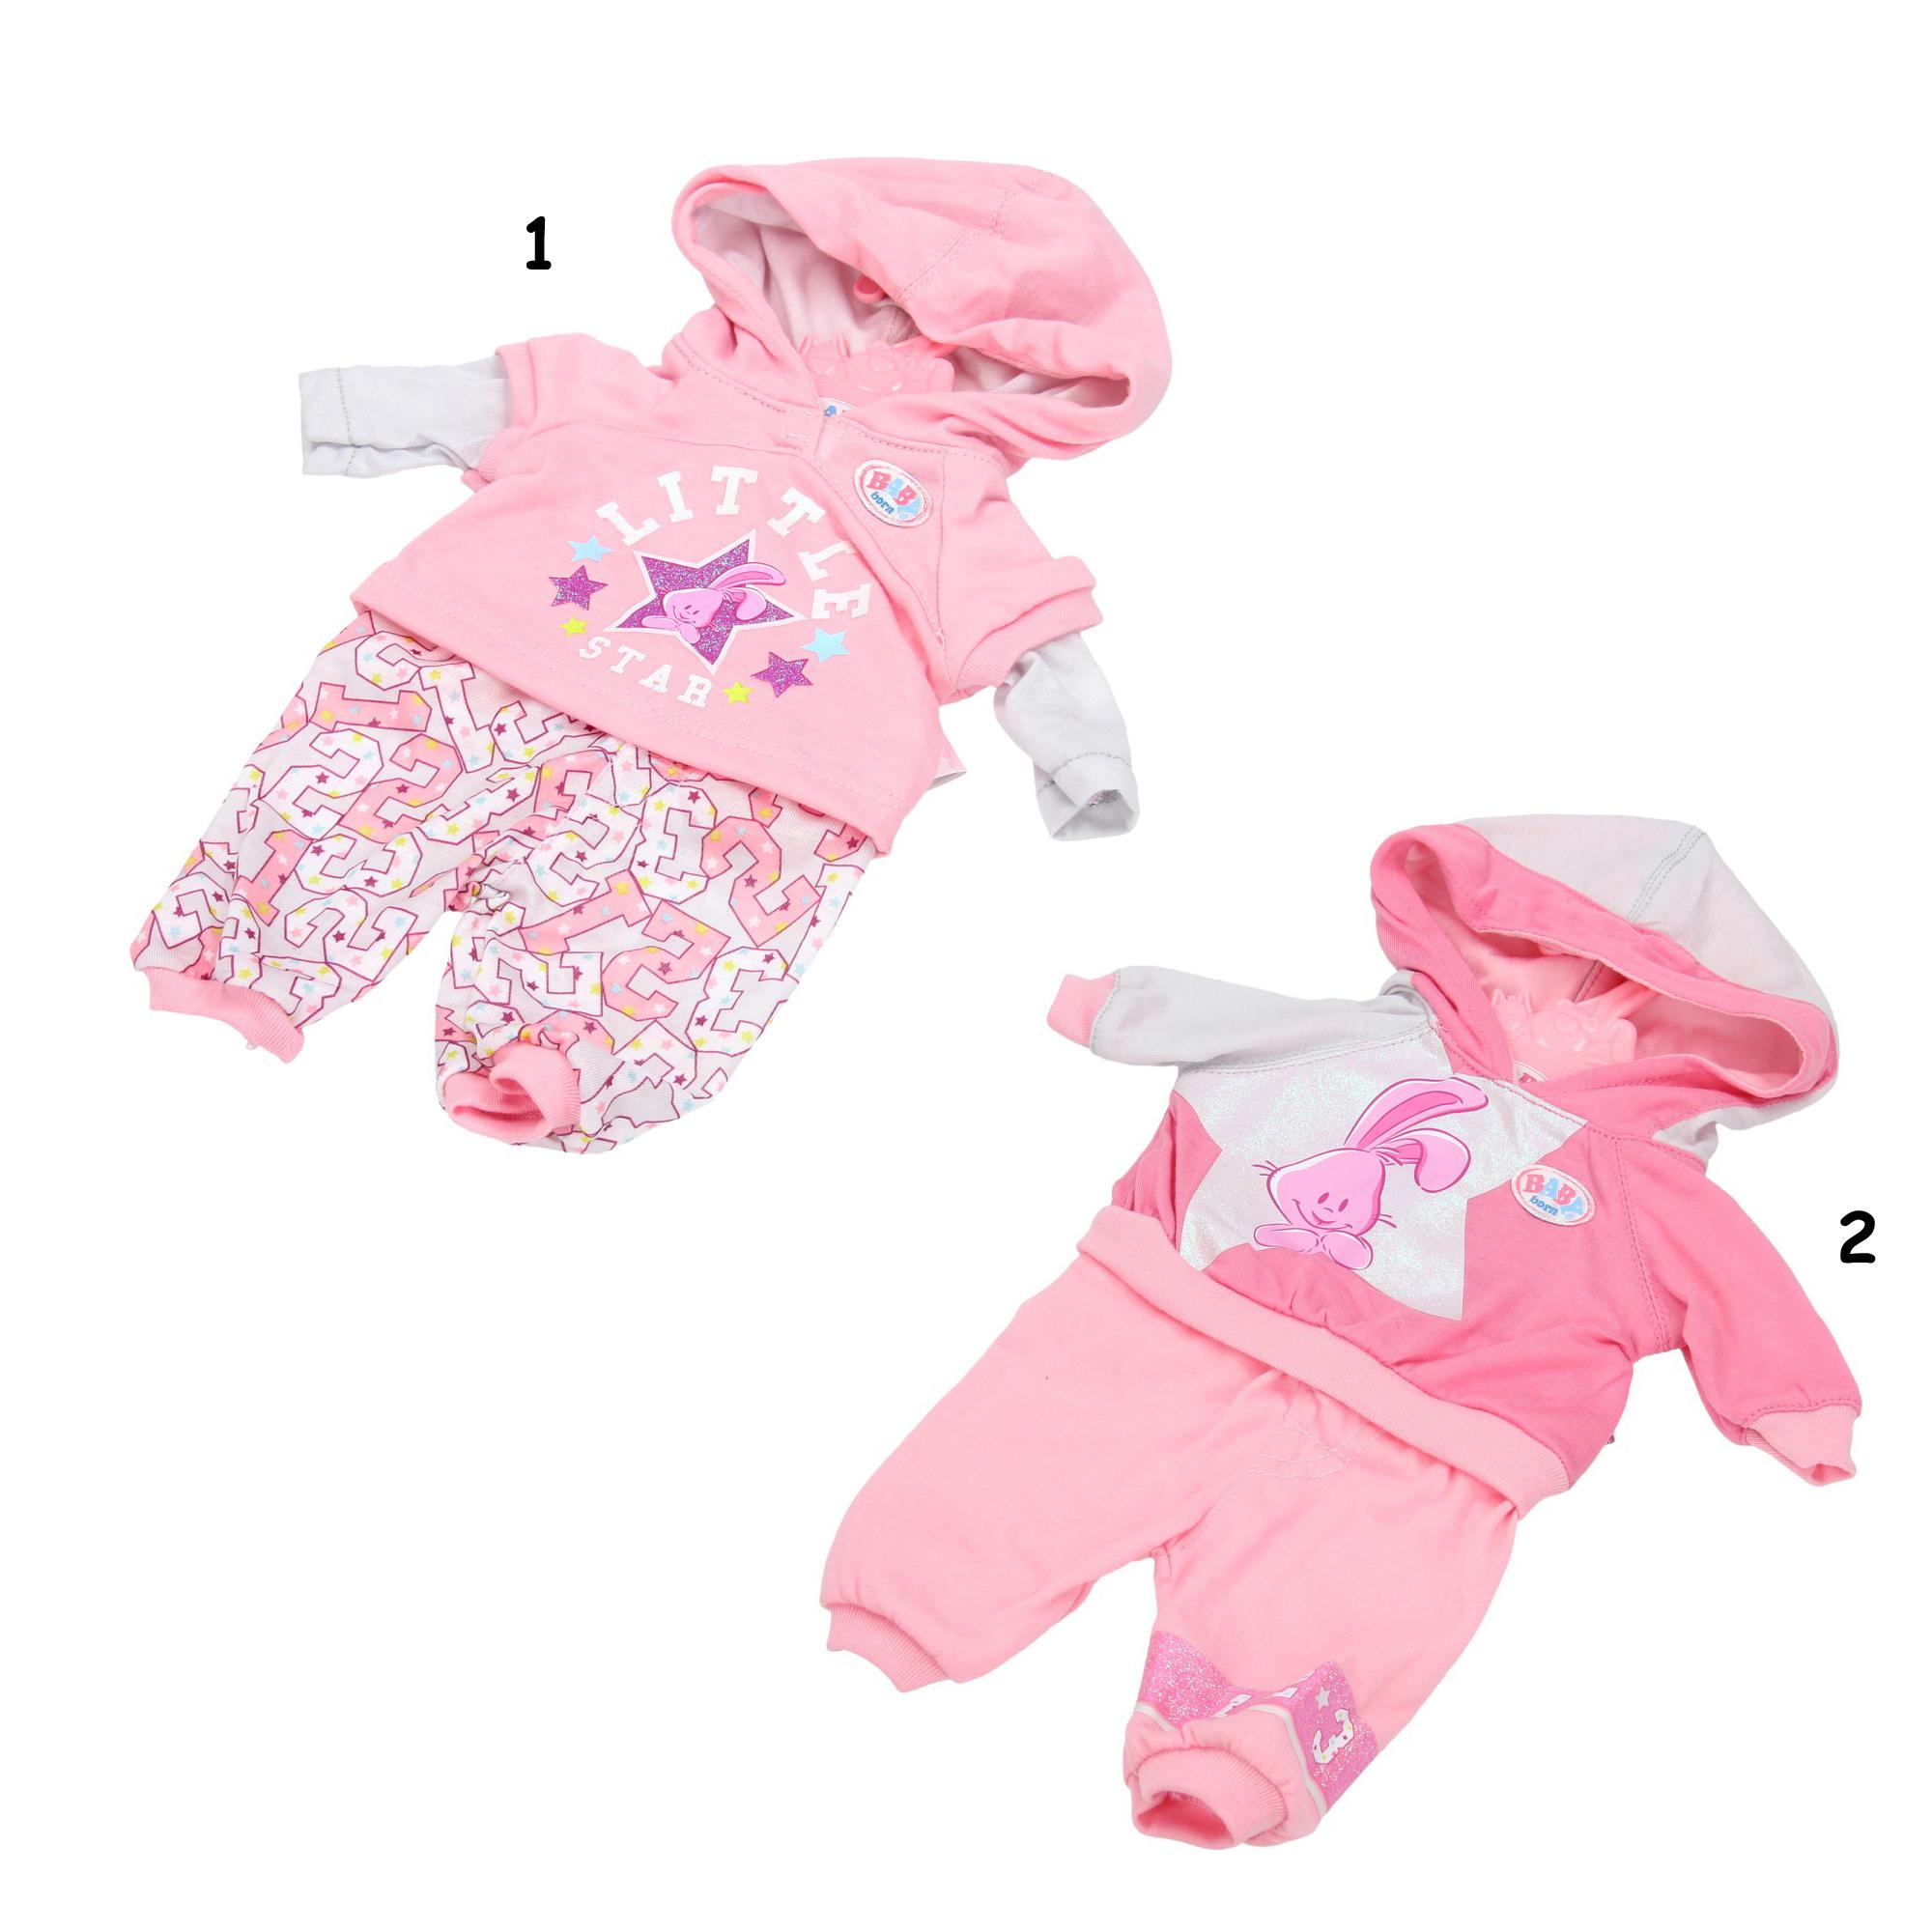 Σετ ρούχων Αθλητικά Baby Born 37 εκ.  a0744c593c7